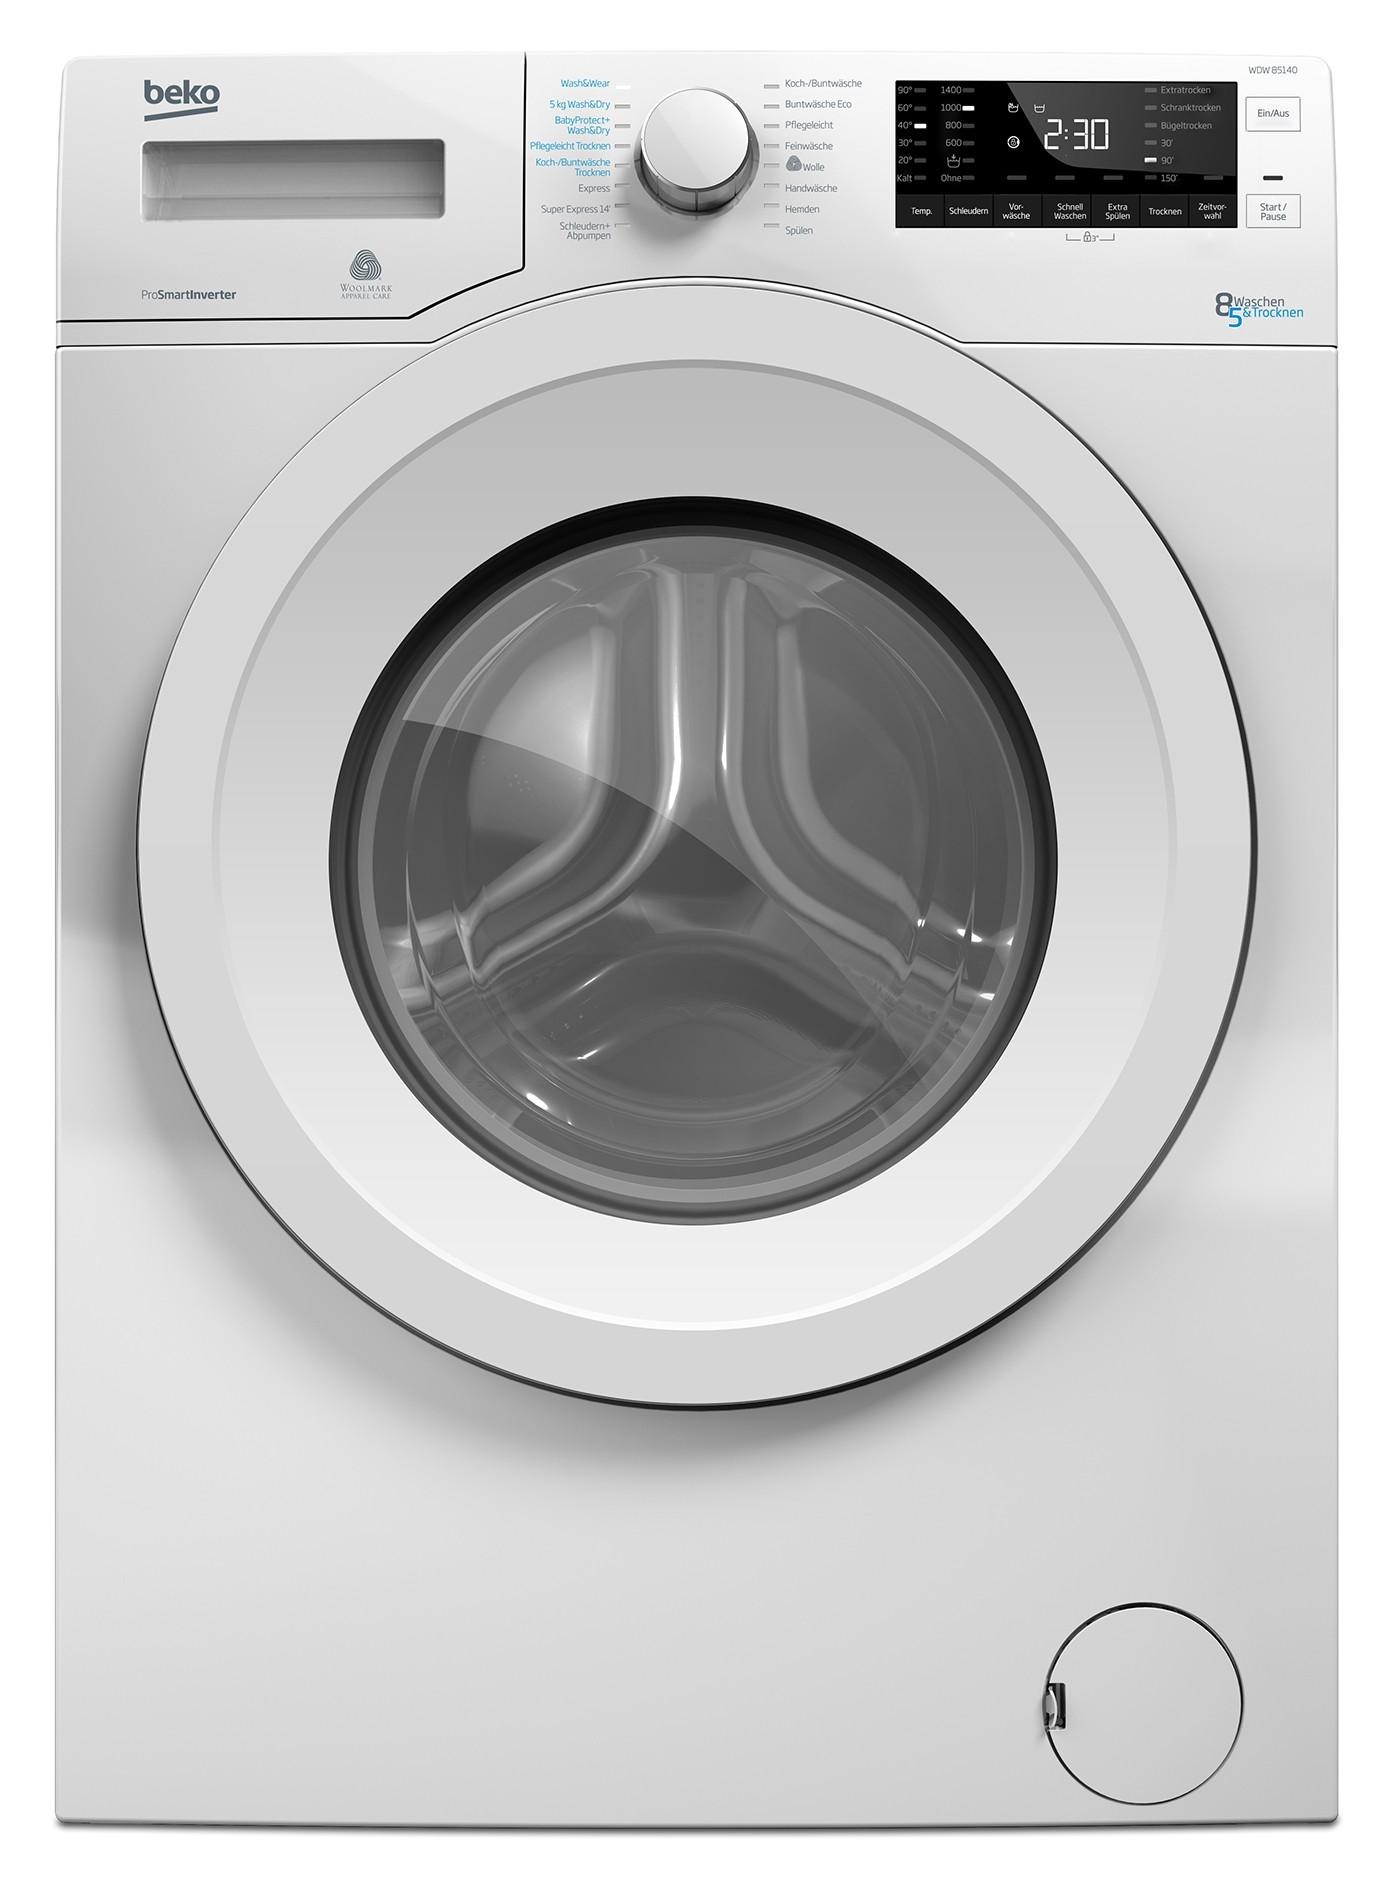 Waschtrockner beko WDW 85140